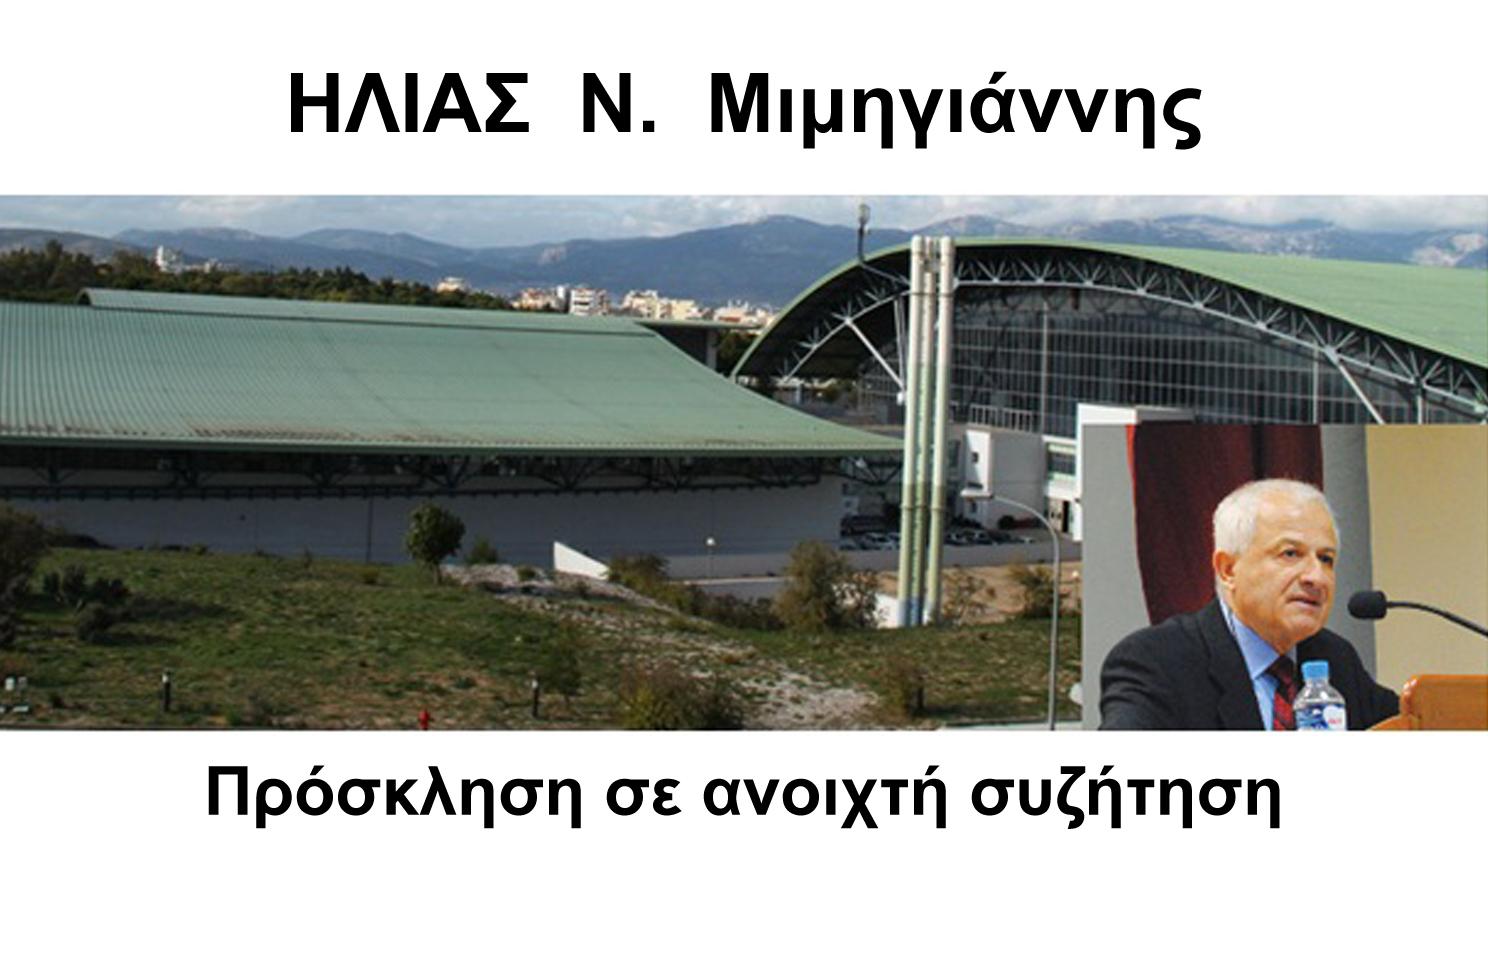 ΗΛΙΑΣ  Ν.  Μιμηγιάννης: